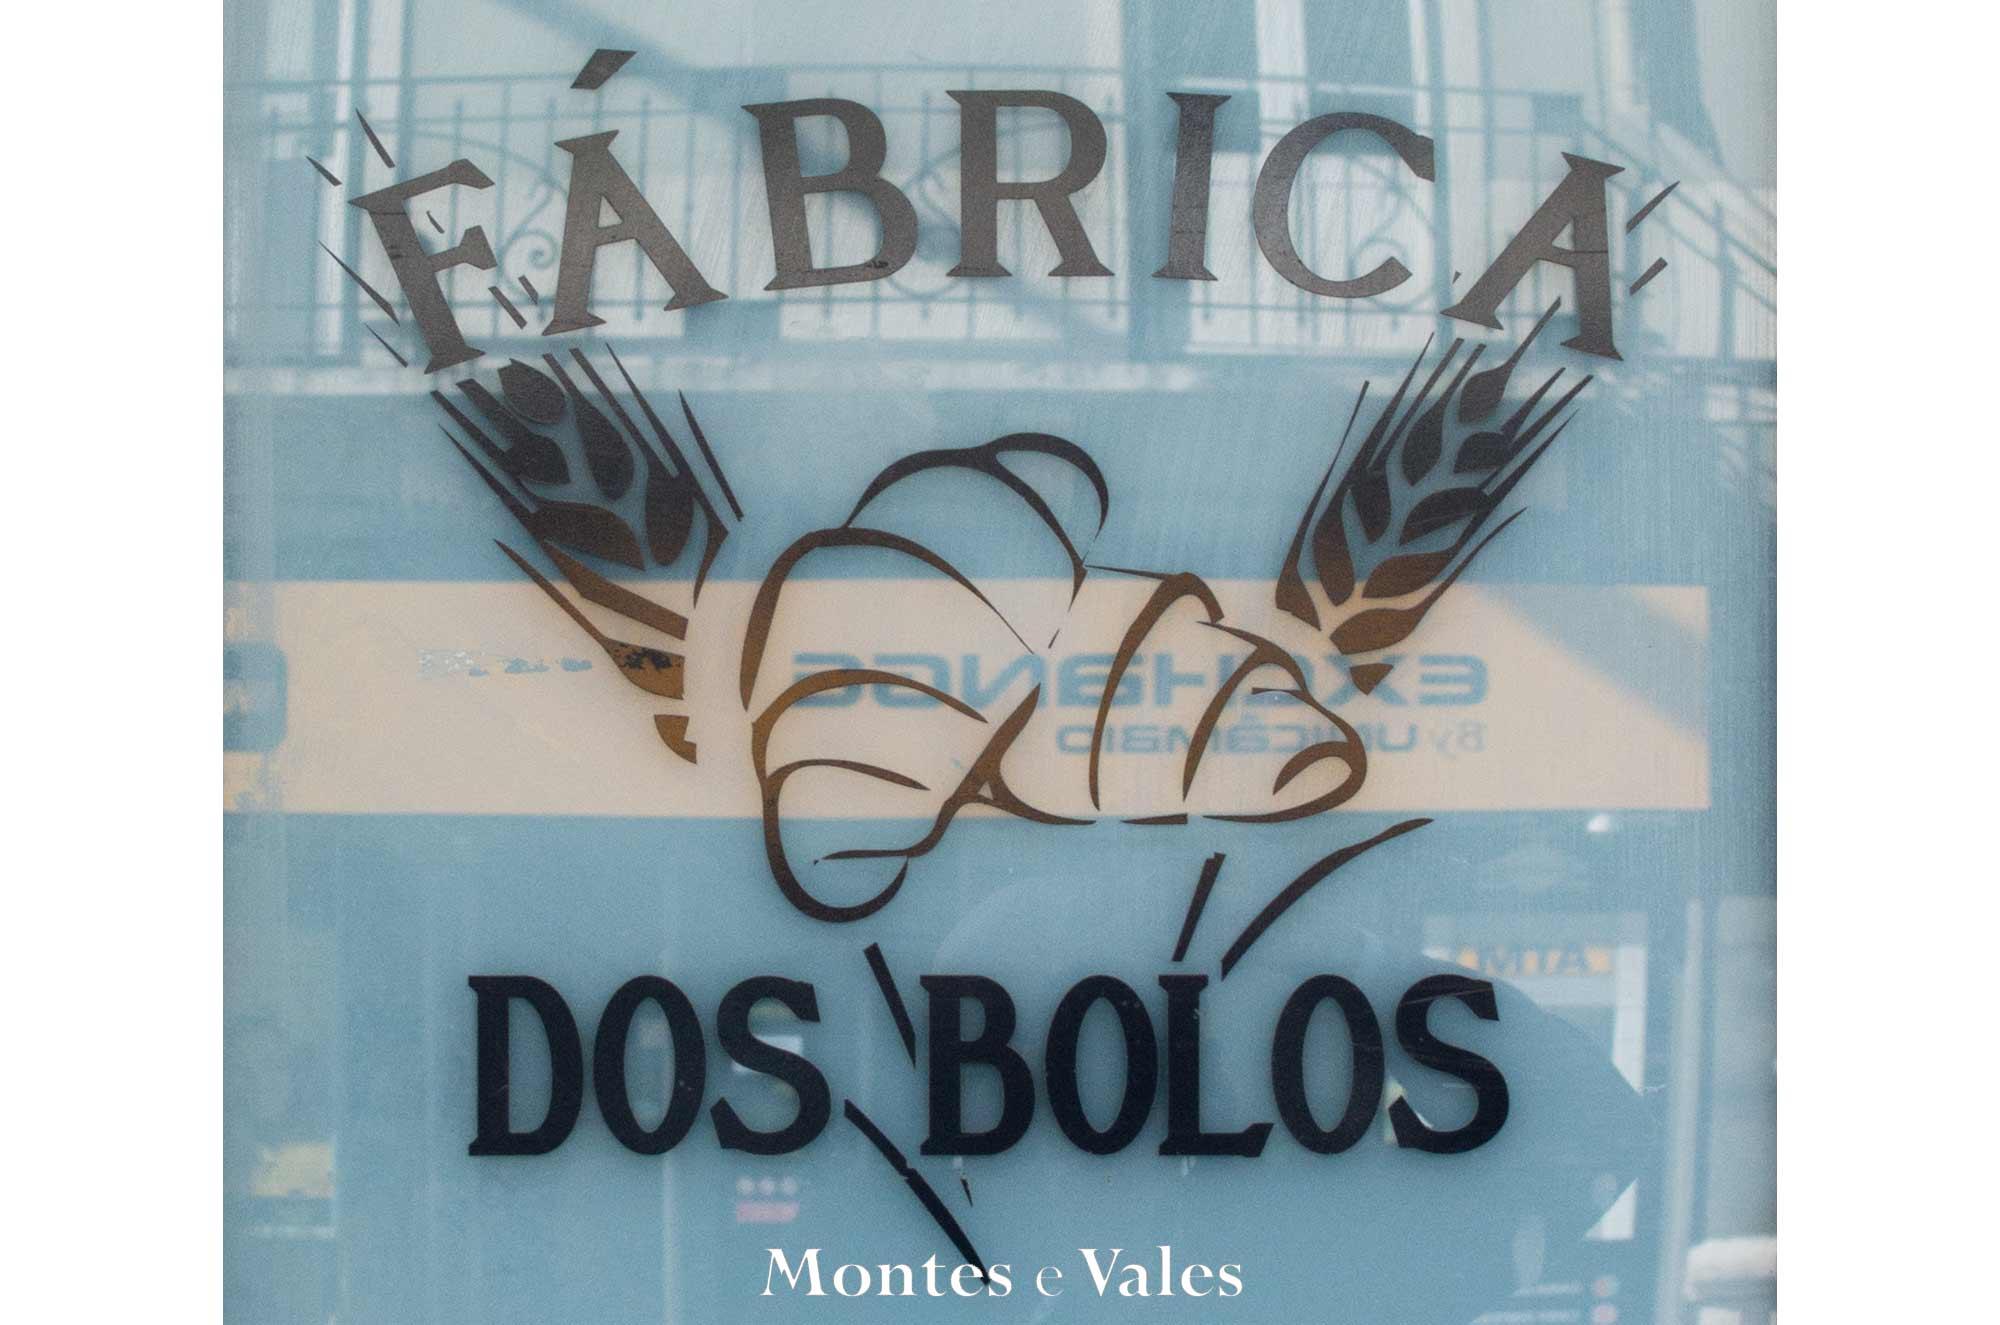 Conhece a Fábrica dos Bolos em Lisboa?